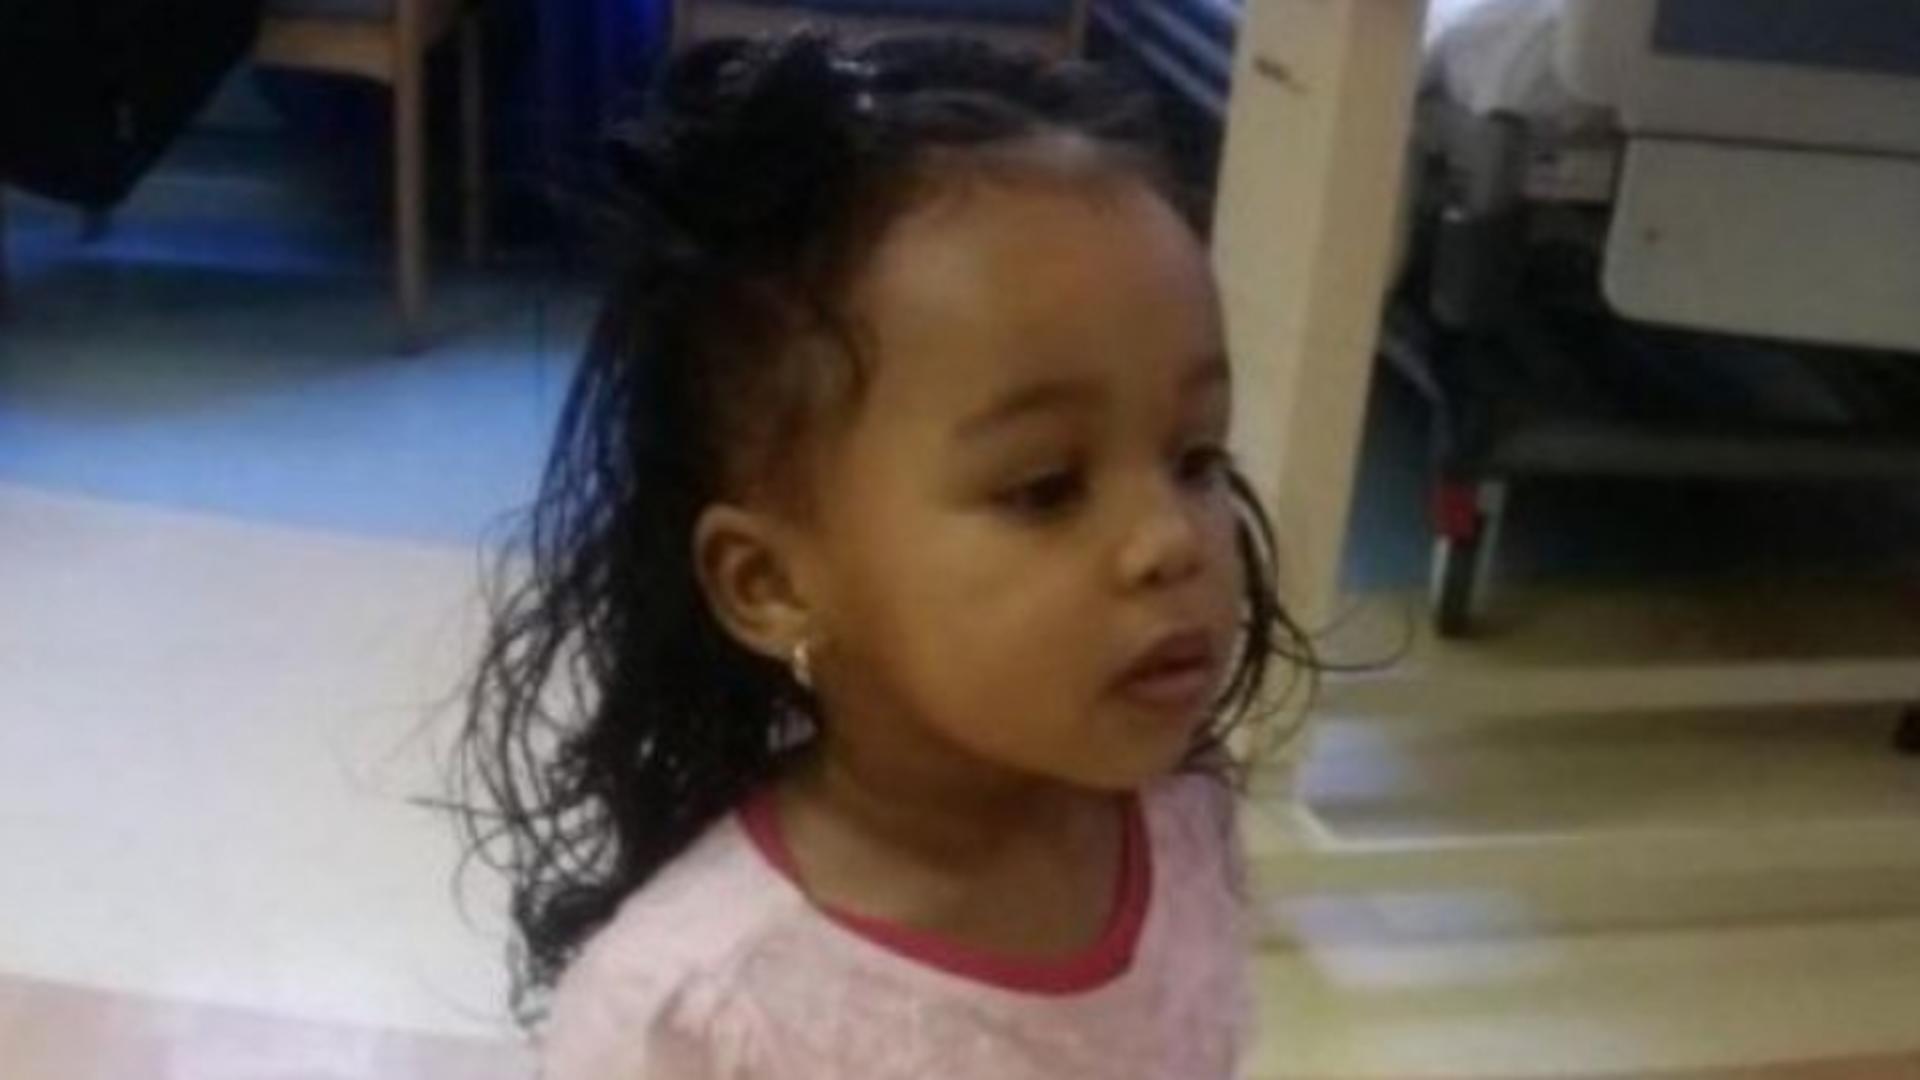 După prima vizită la medic, fetița a fost diagnosticată cu un virus necunoscut